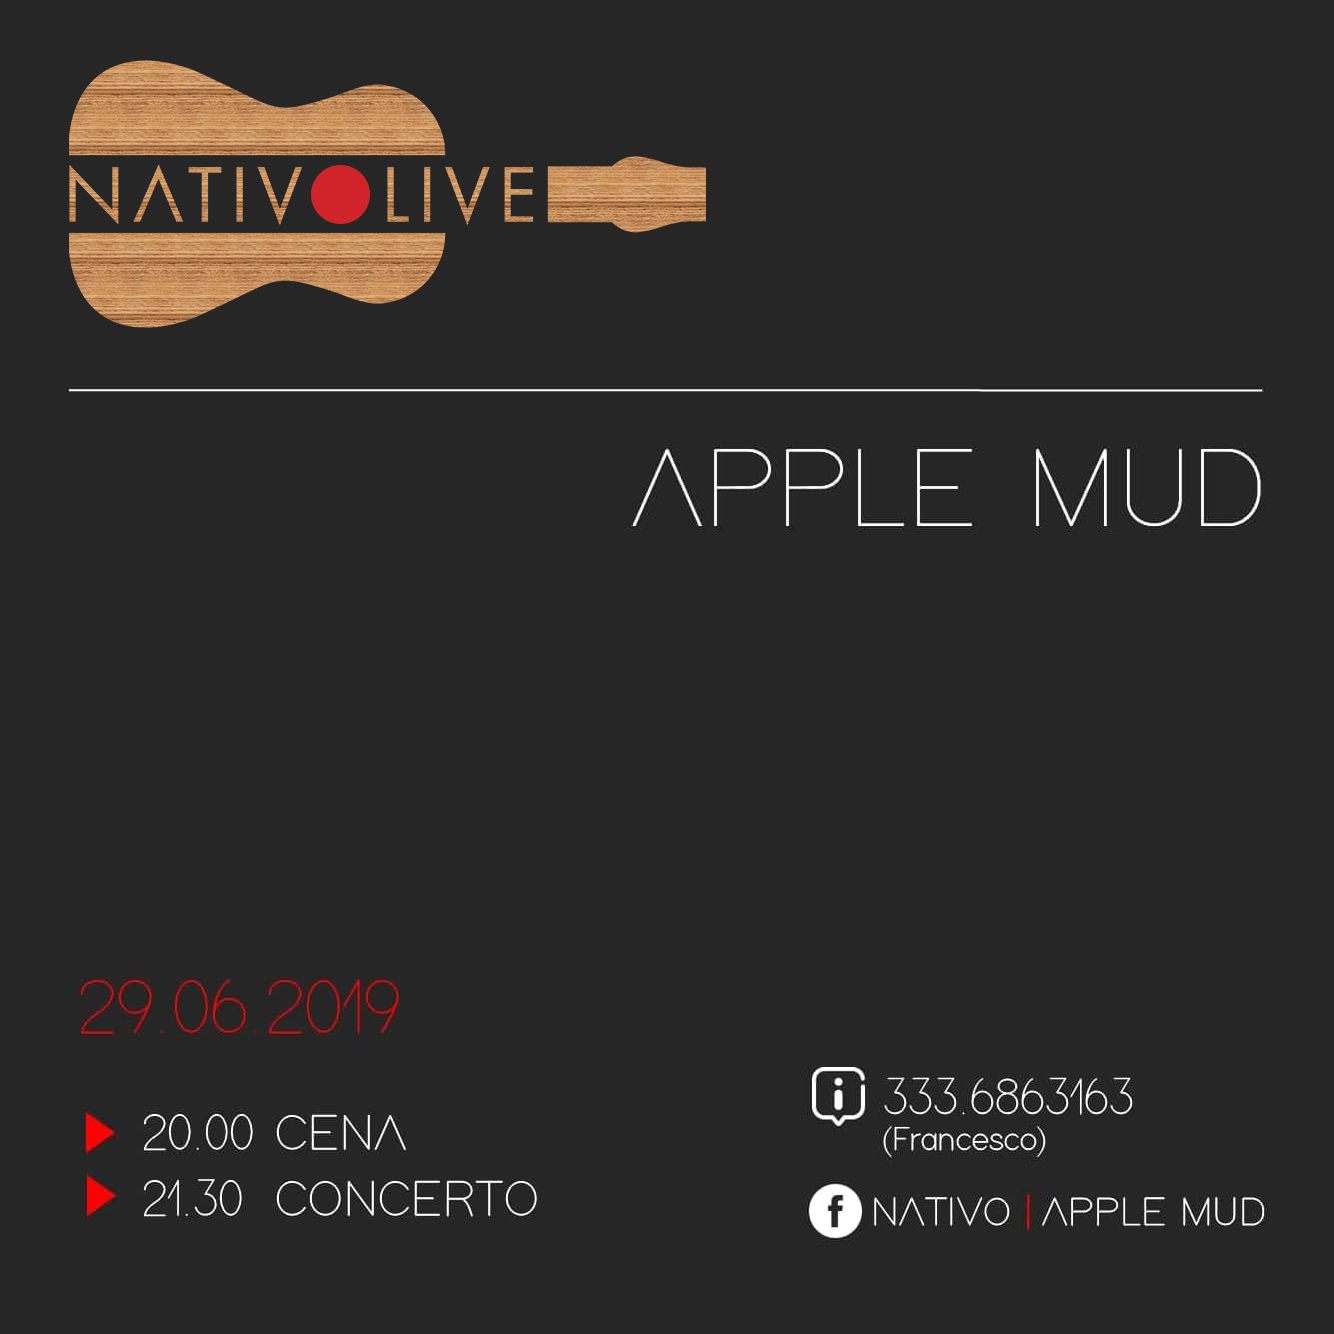 Nativo-eventi-musica-live